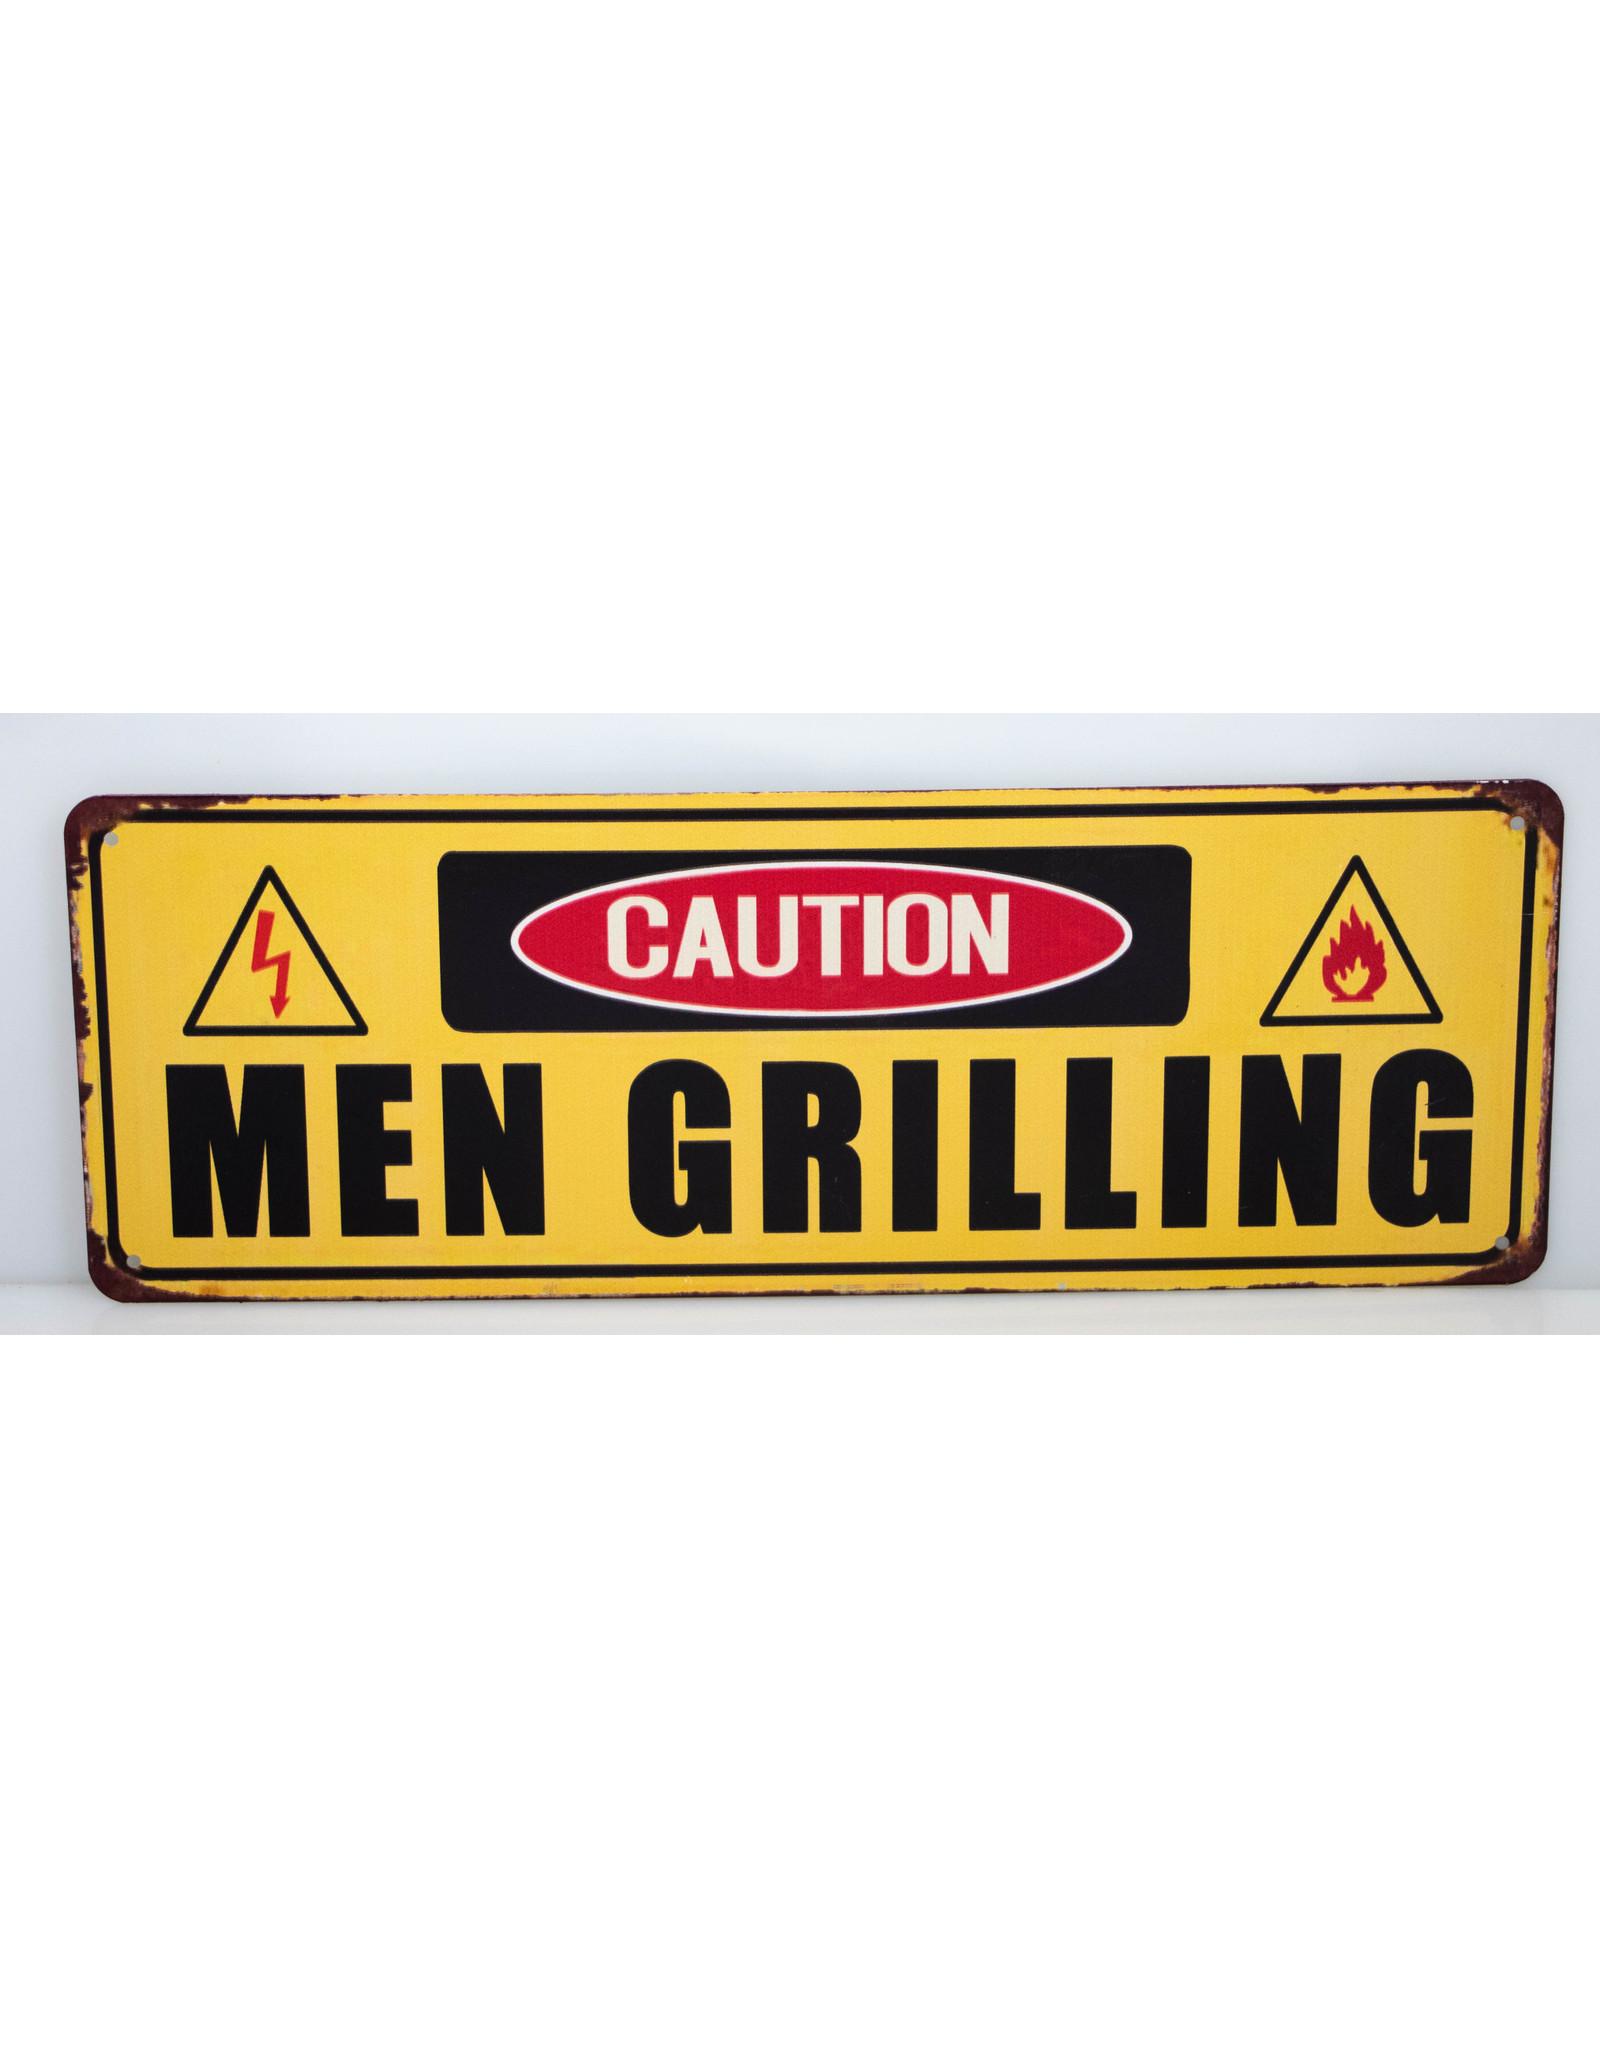 Men grilling